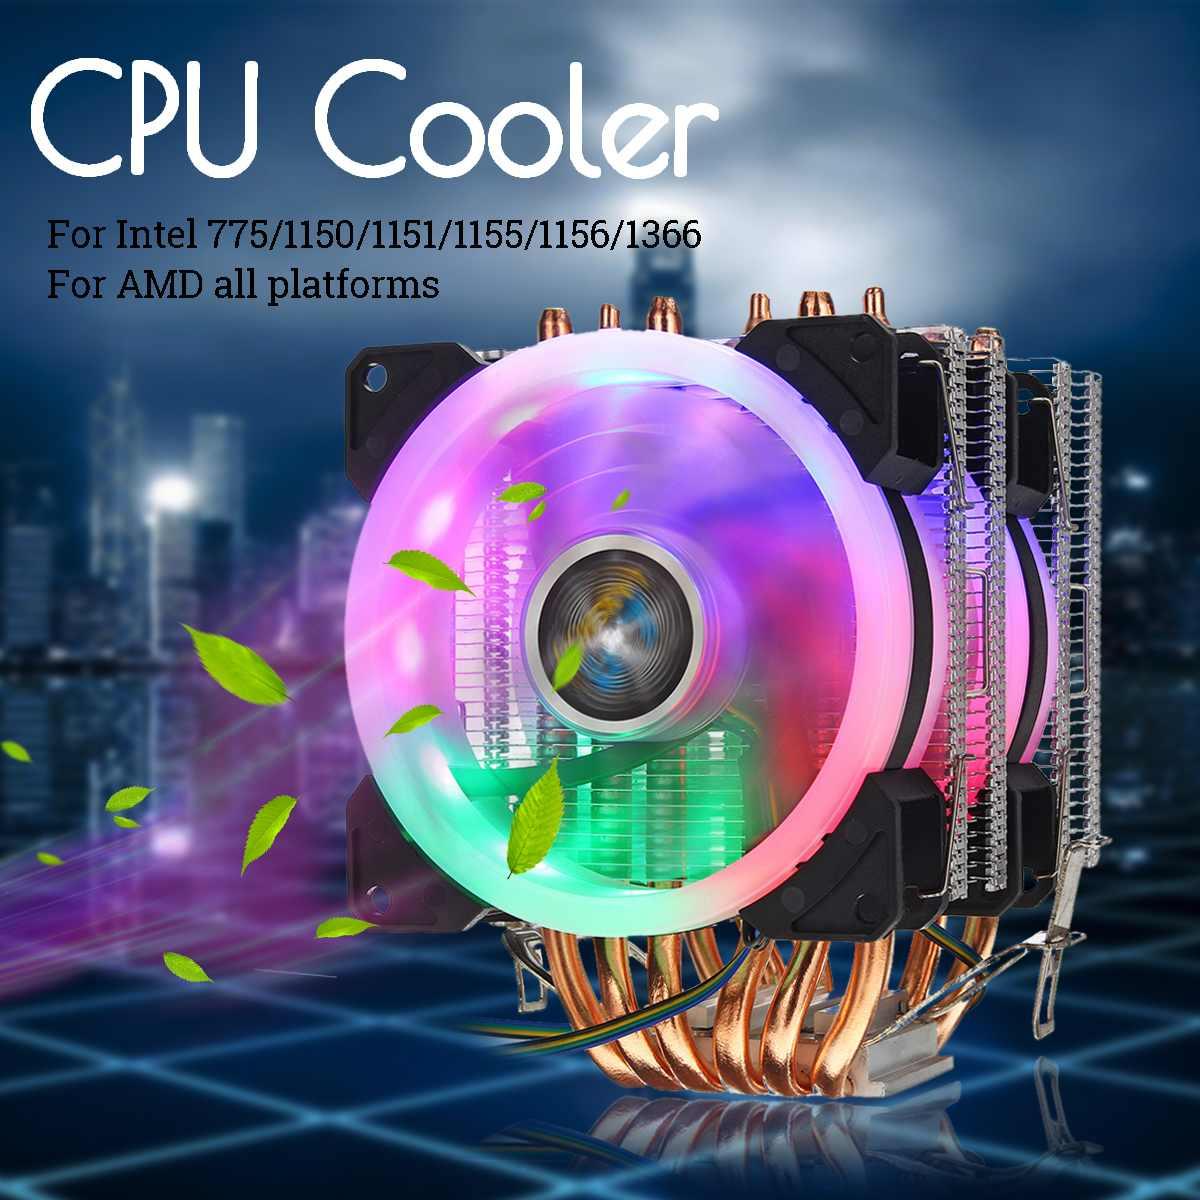 6 Heatpipe Torre Dupla CPU Cooler para Intel 775/1150/1151/1155/1156/1366 Tudo para AMD 4Pin RGB LEVOU Dissipador de Calor de Refrigeração Ventilador Silencioso